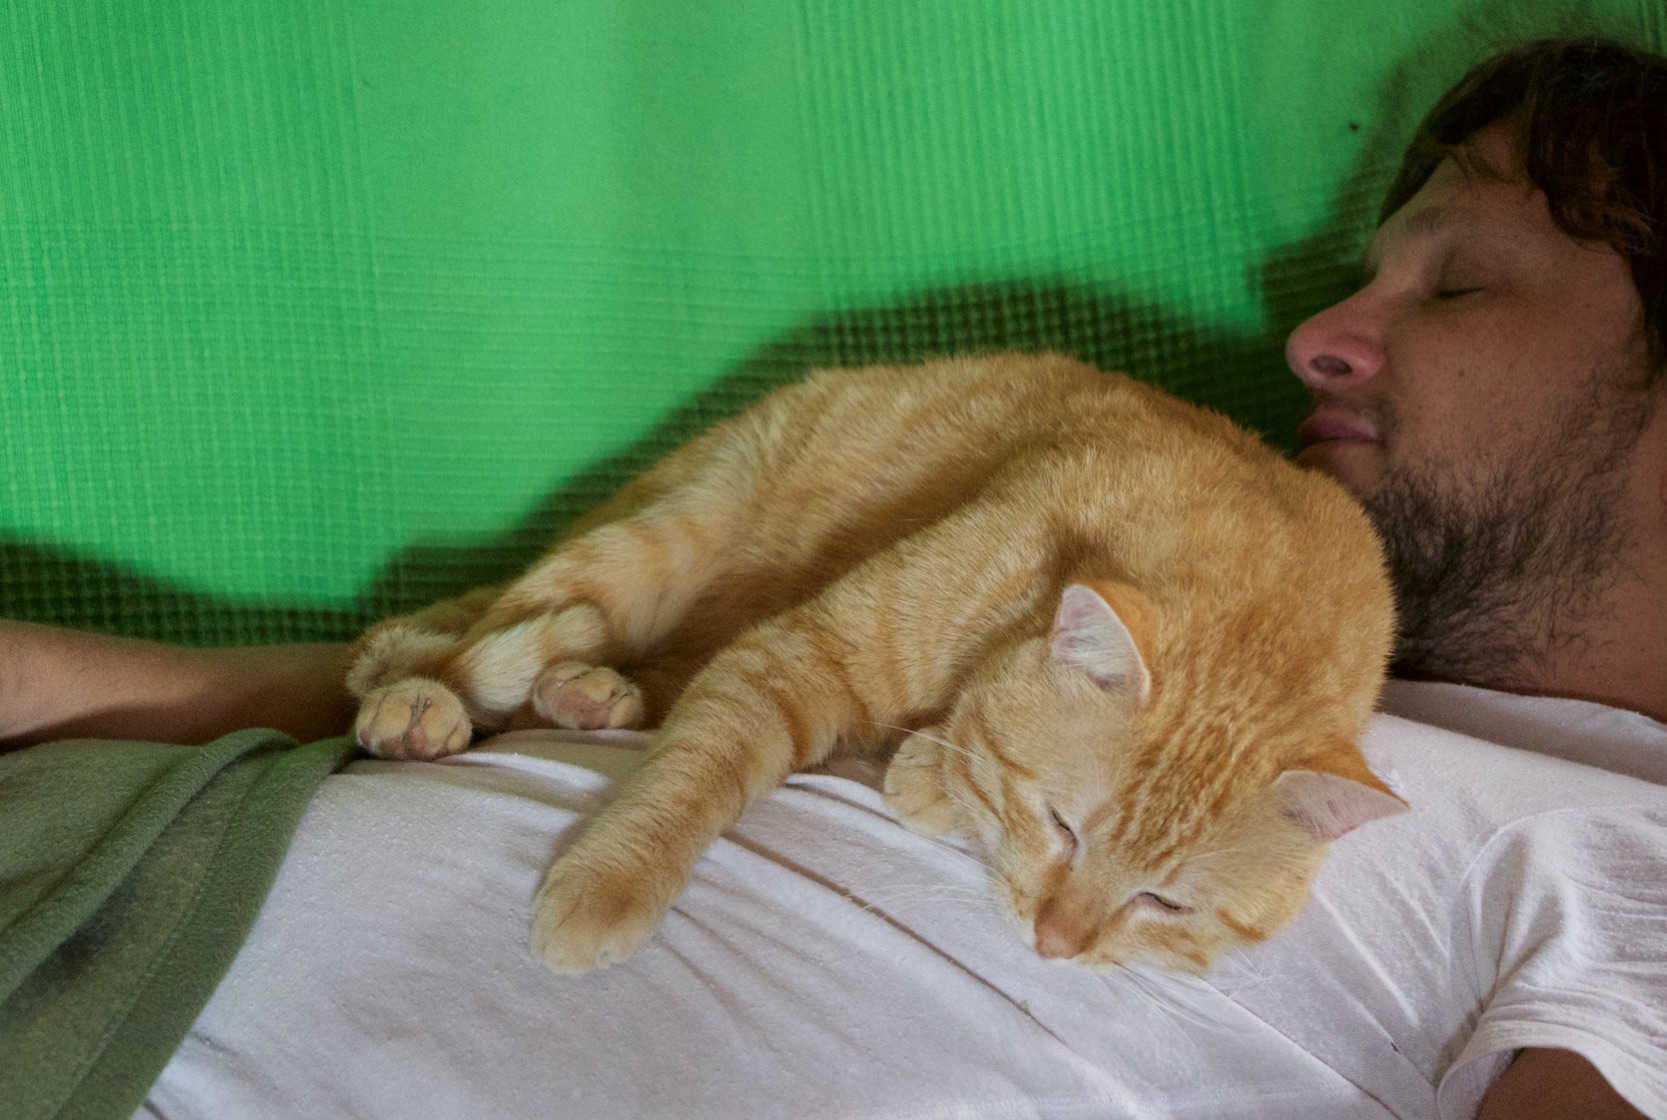 Si el gato se me pone arriba a ronronear y a dormir, caigo nocaut en el acto.